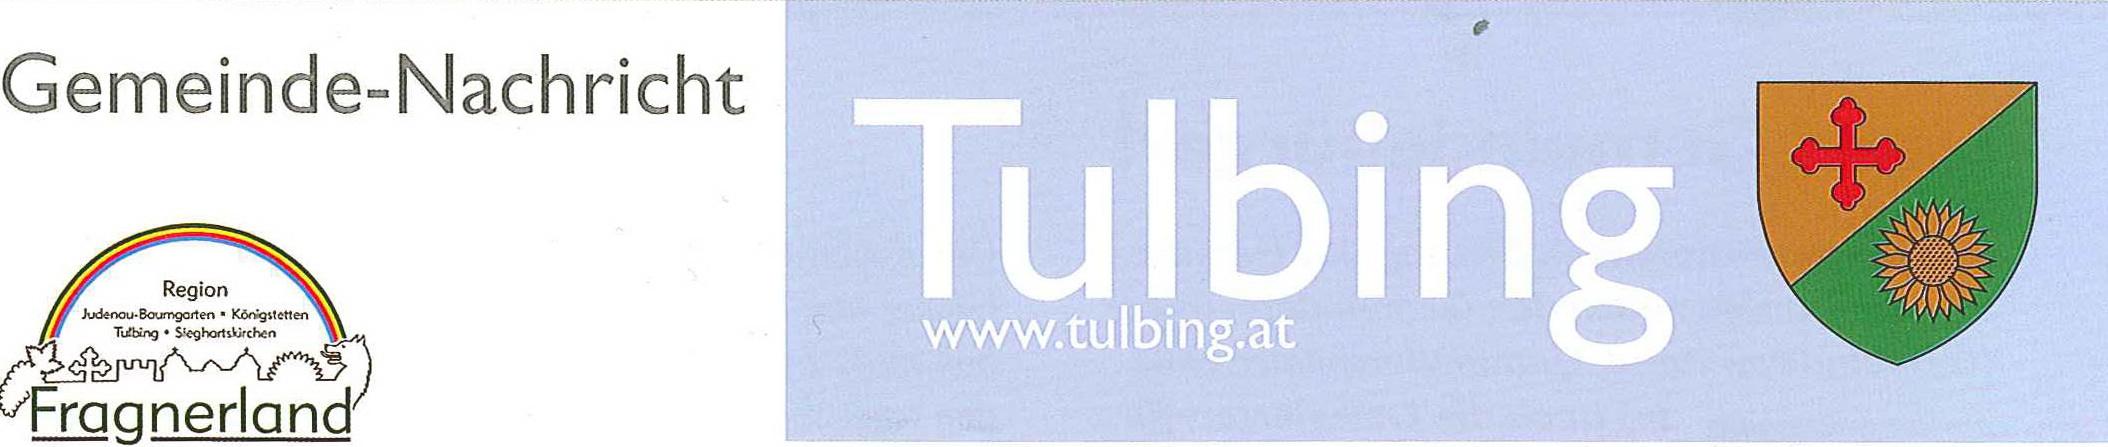 Logo_Gemeindenachrichten